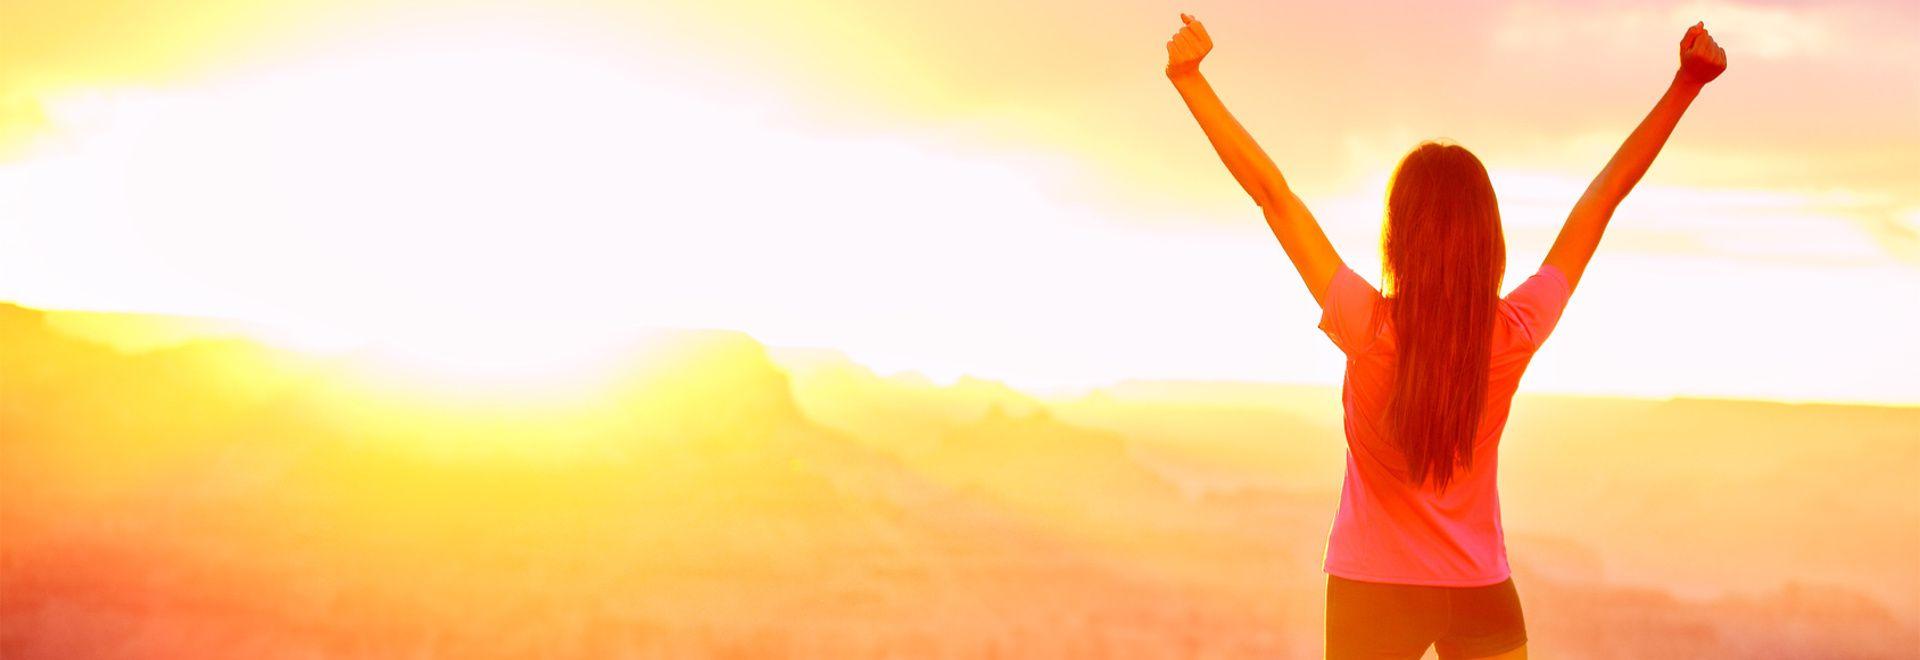 Den eigenen Horizont erweitern und neue Ziele ergreifen